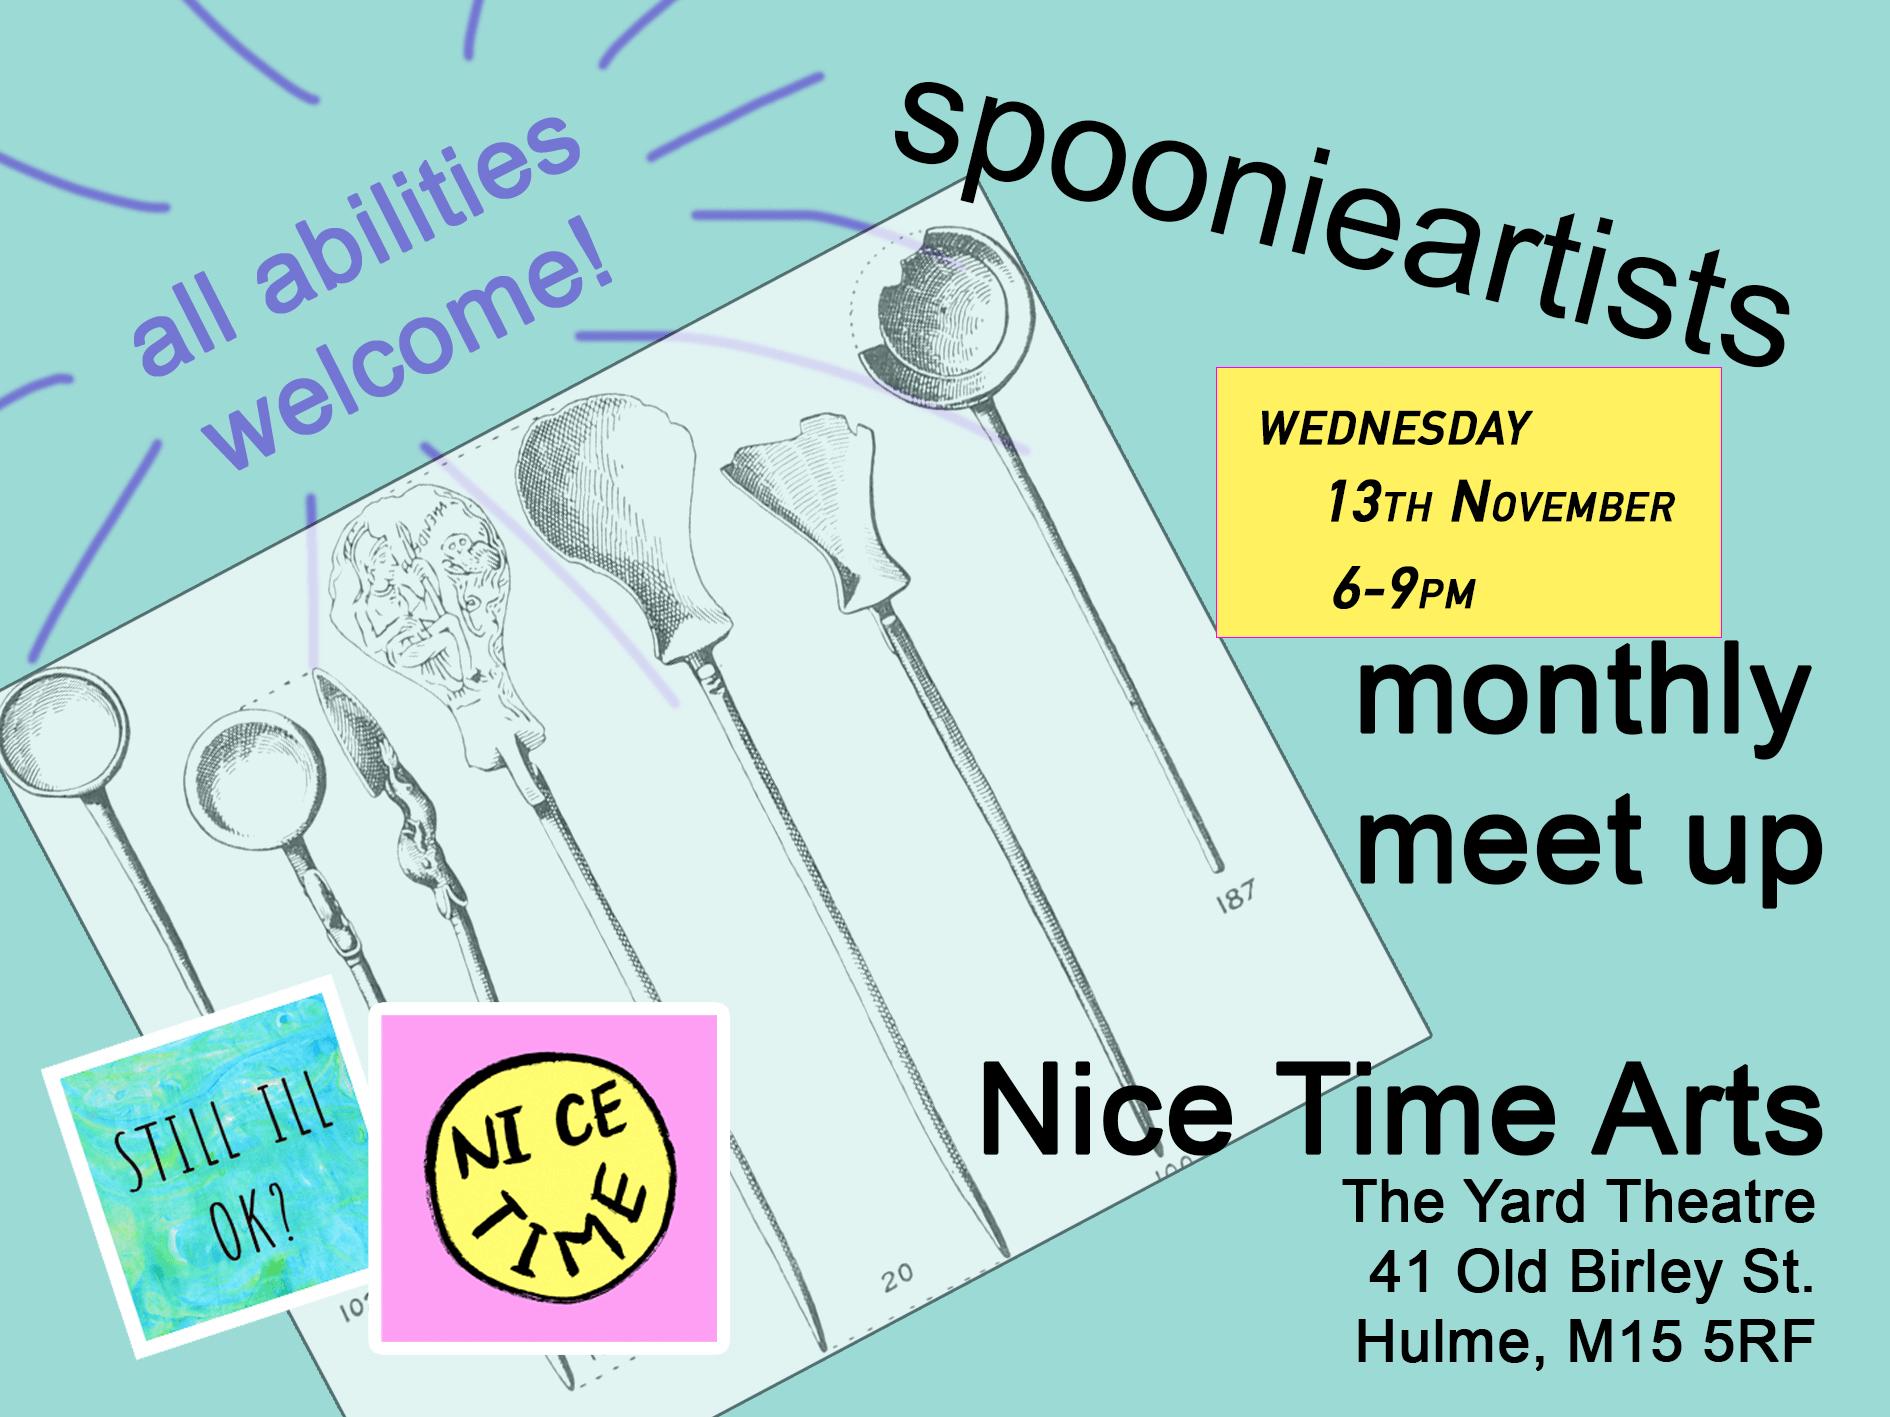 Spoonie Artist Meet Up #2